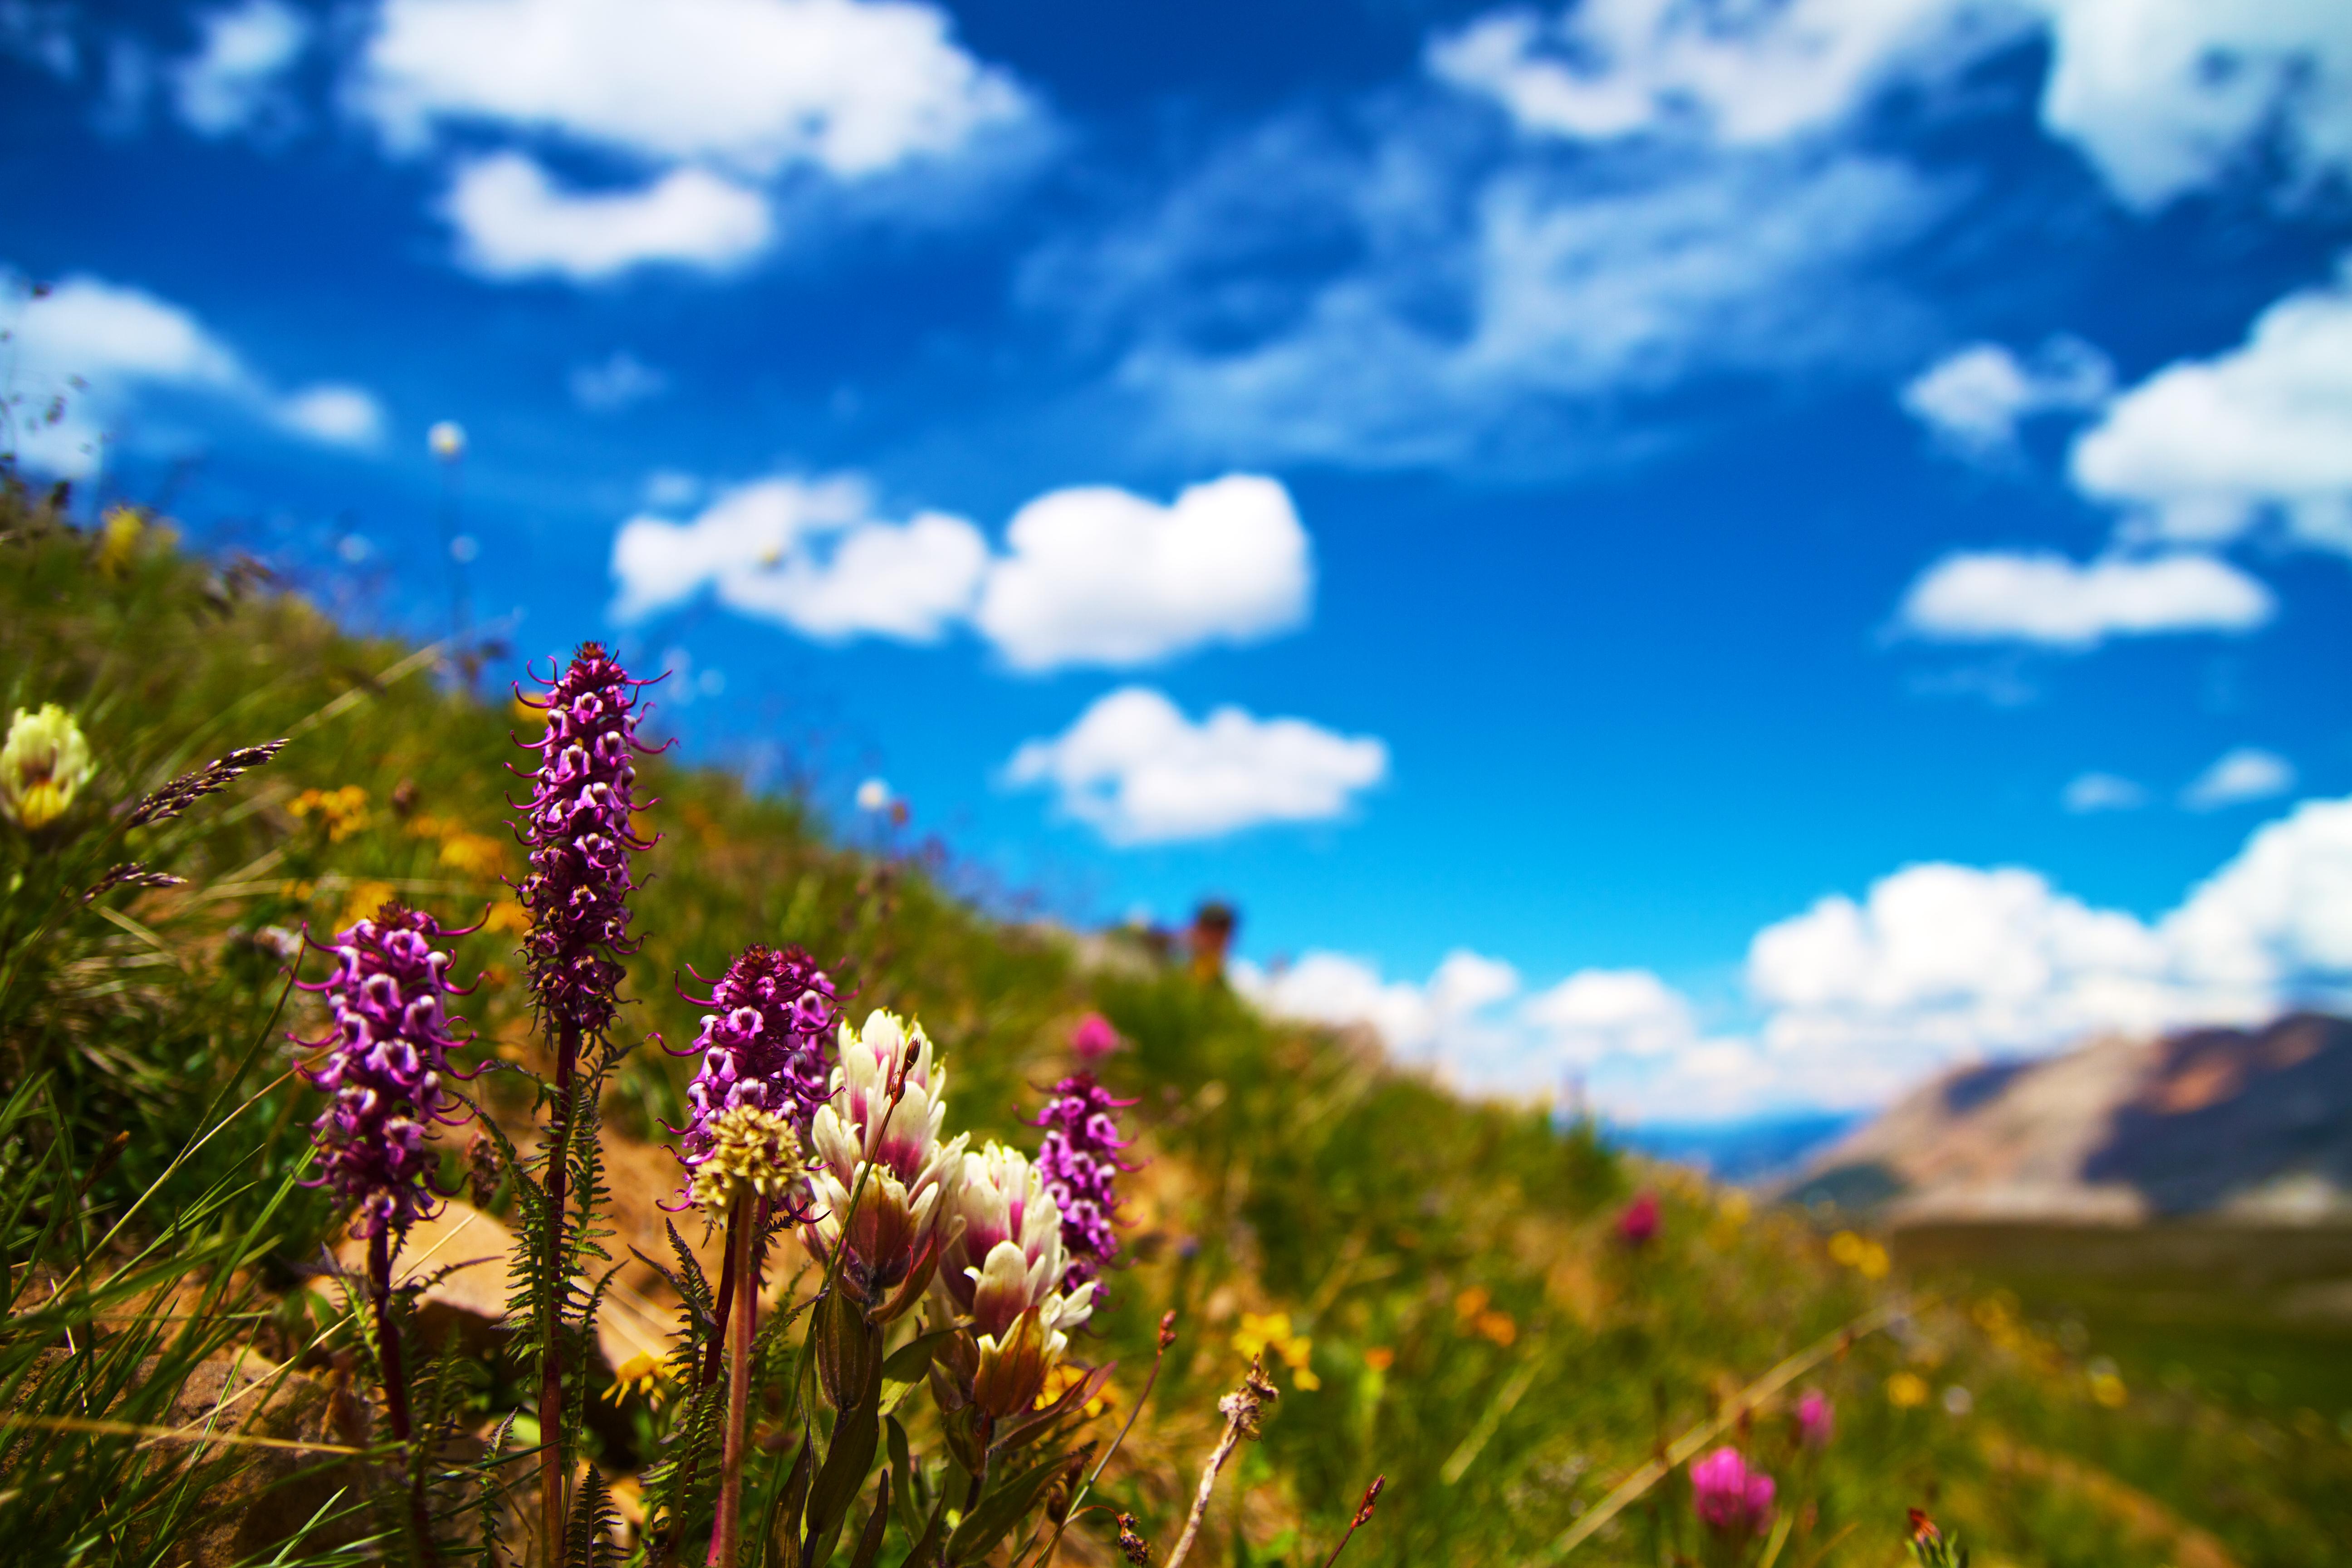 143641 скачать обои Цветение, Цветы, Трава, Лето, Поляна, Полевой - заставки и картинки бесплатно